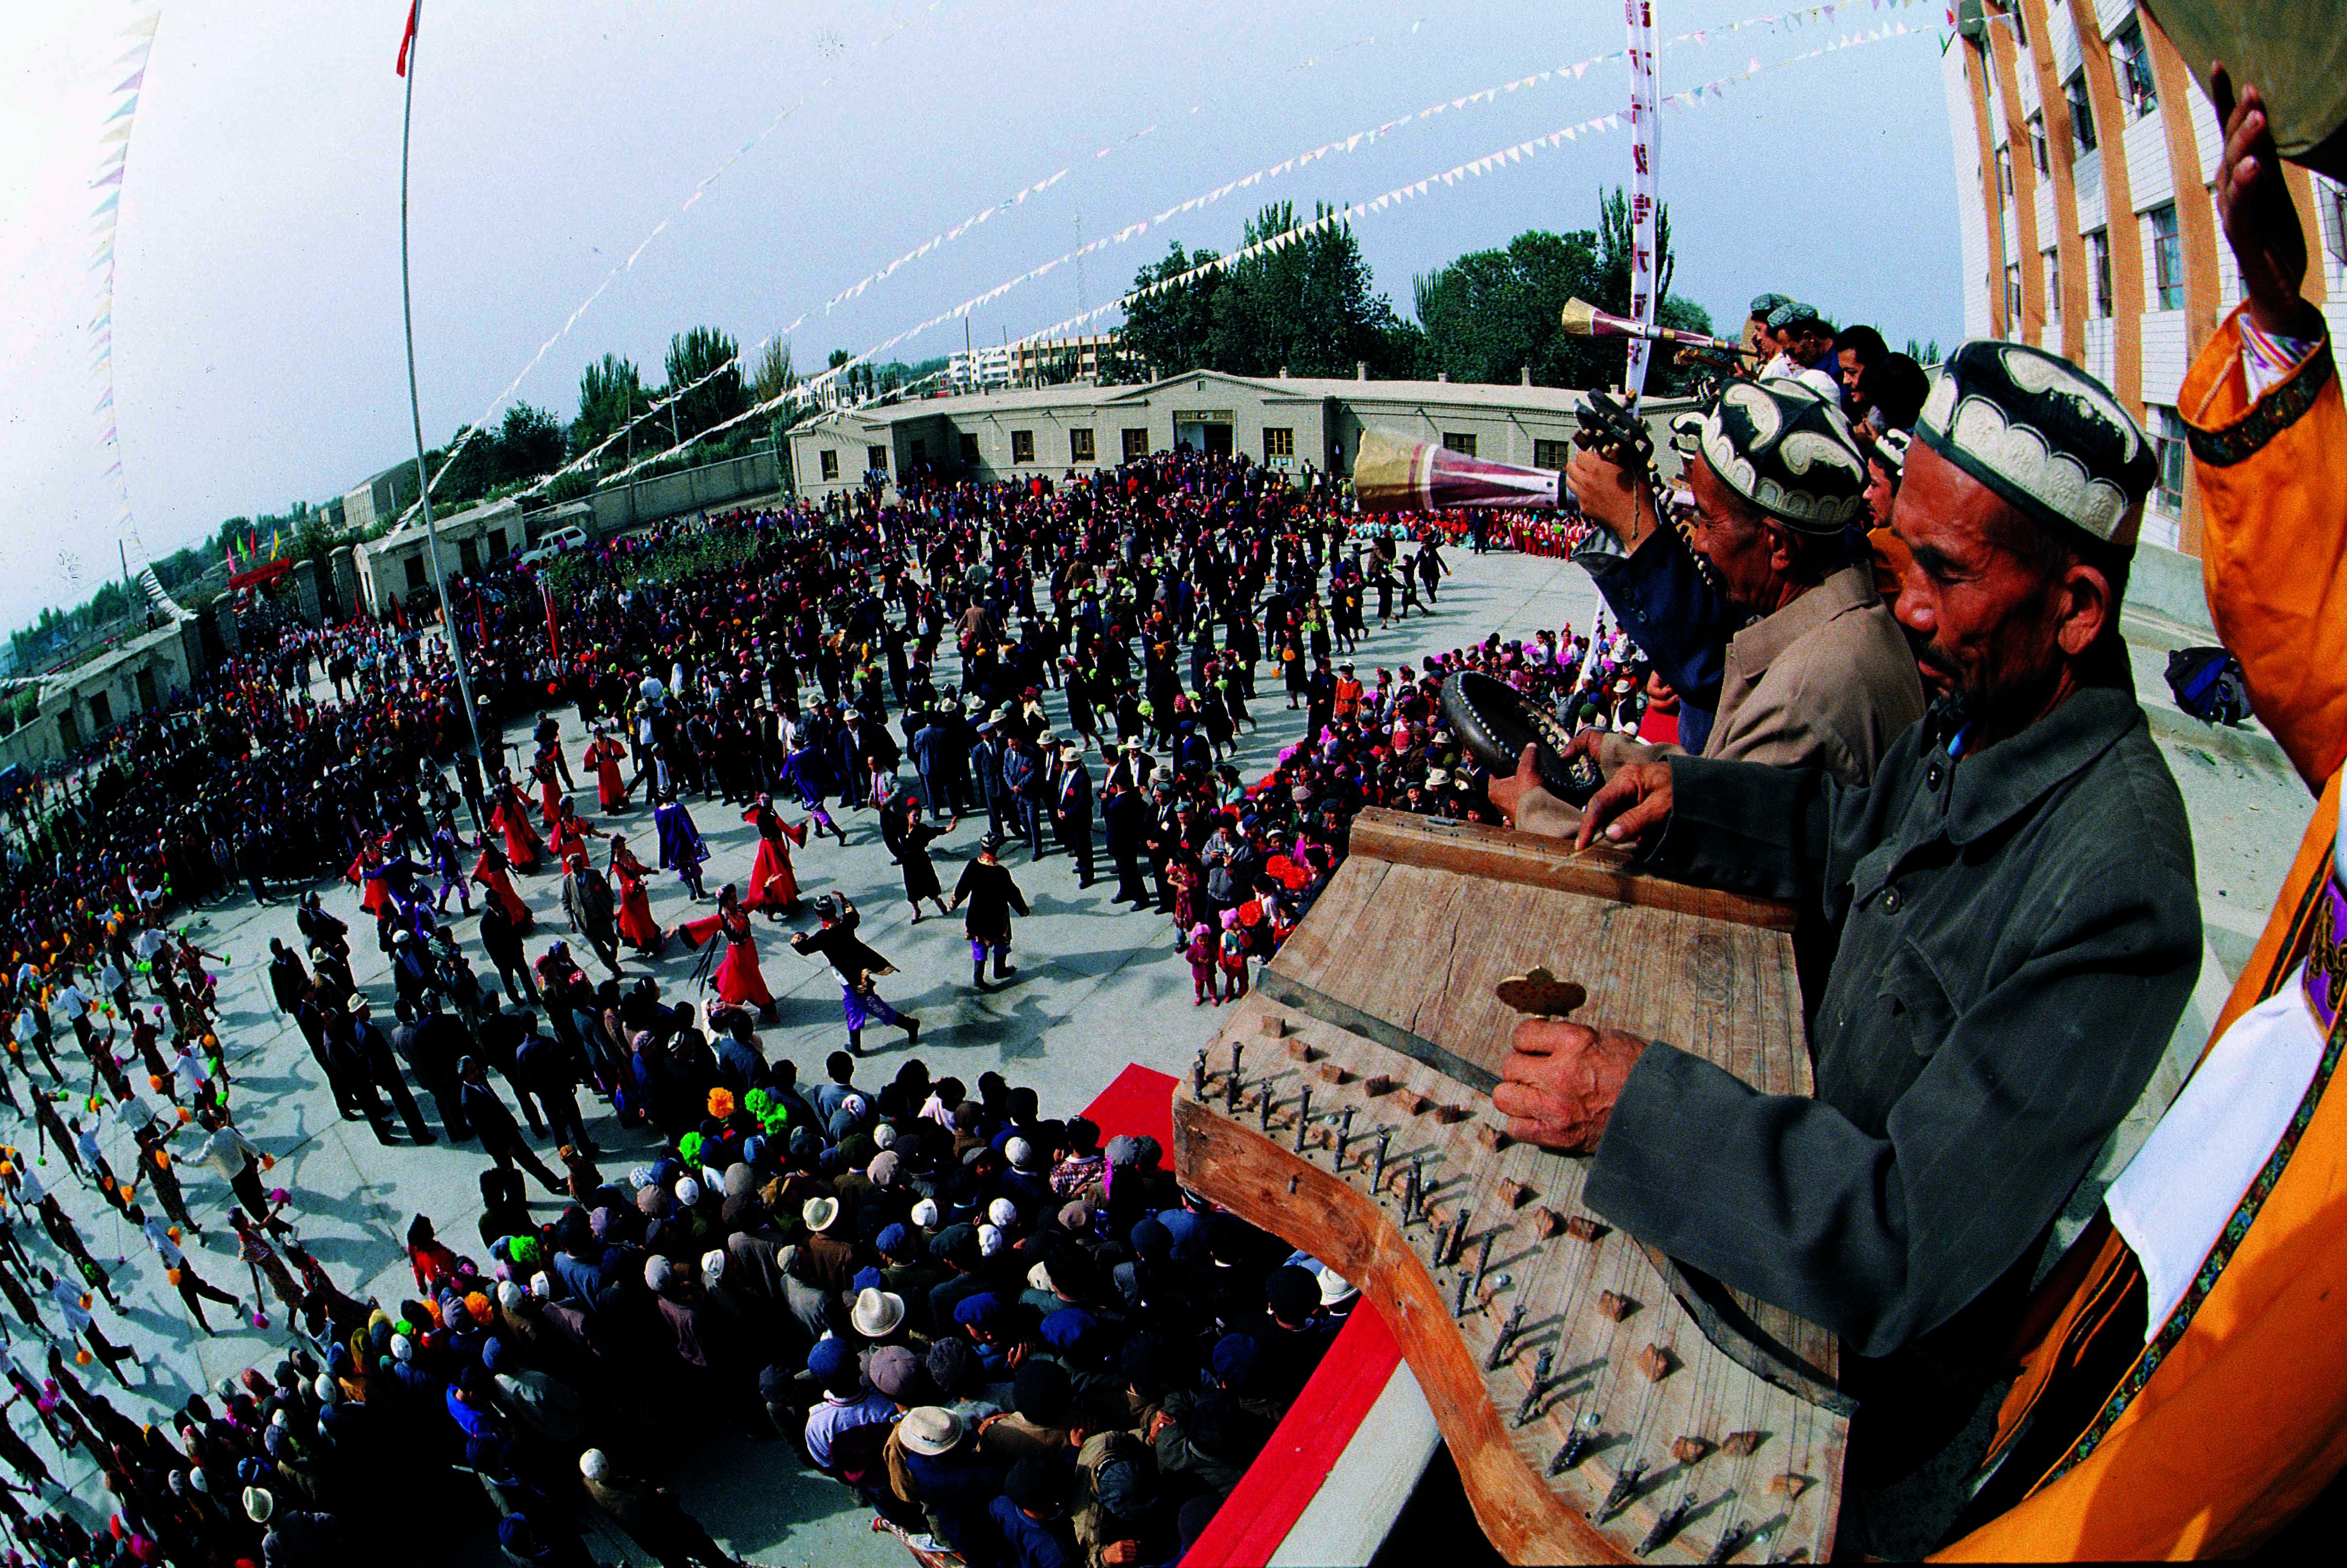 亲子读书征文_了解喀什走进喀什 喀什原创美文征集|喀什|征文_凤凰旅游